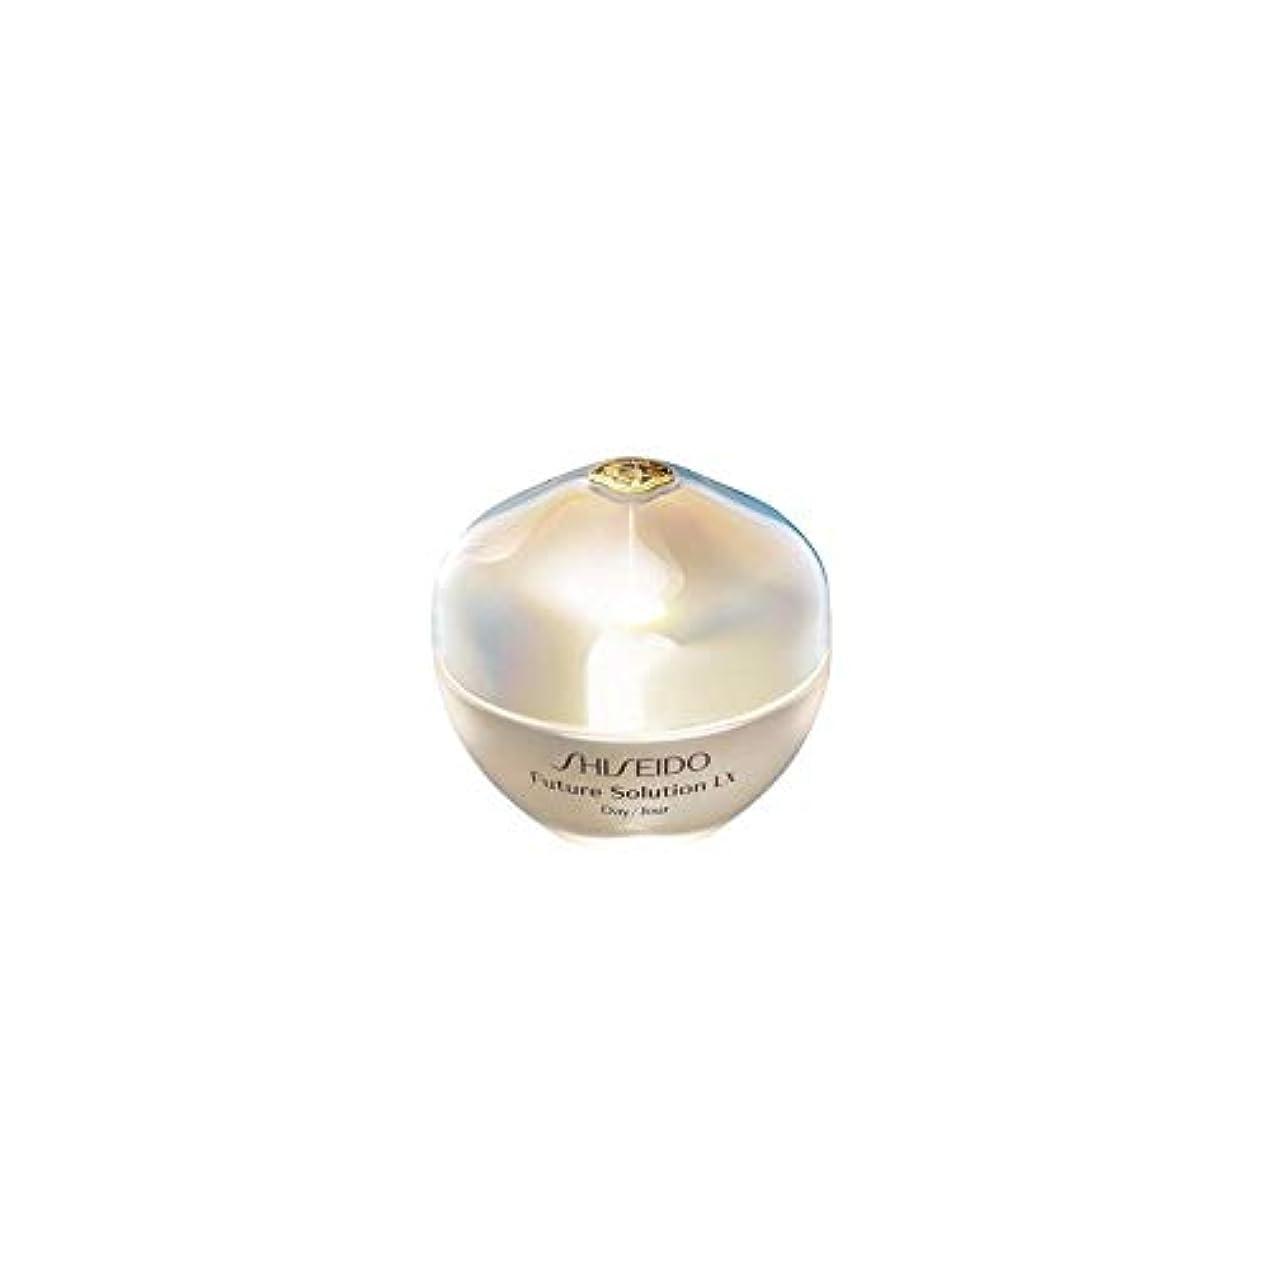 絞る作動するパス[Shiseido] 資生堂Sfs Lx合計保護クリーム(50Ml)中 - Shiseido Sfs Lx Total Protective Cream (50ml) [並行輸入品]